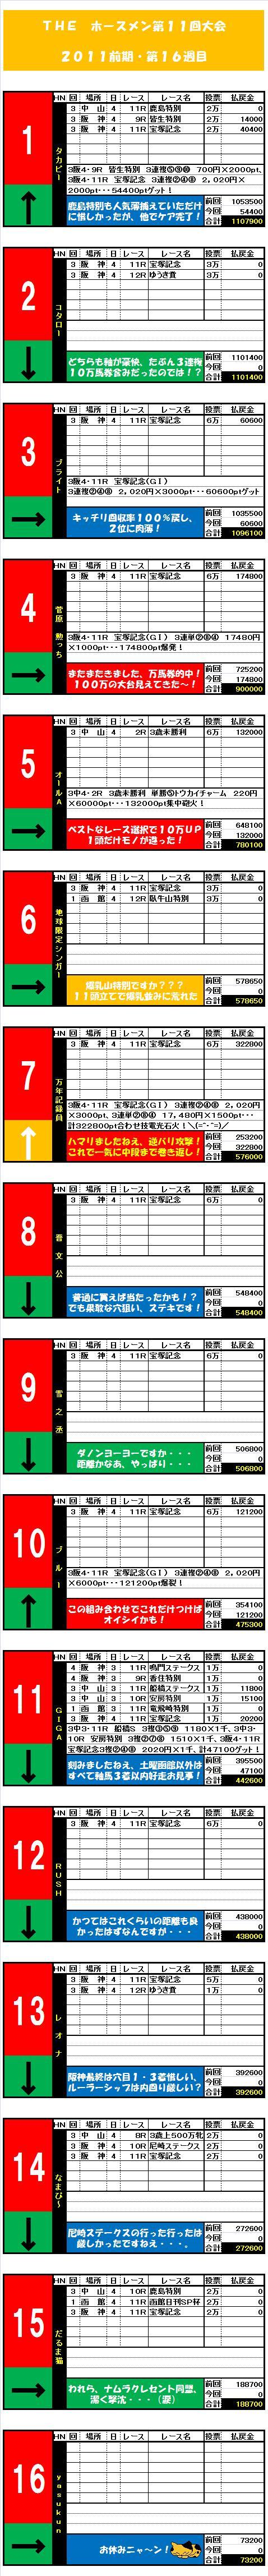 20130105・ホースメン第16週目的中明細.jpg